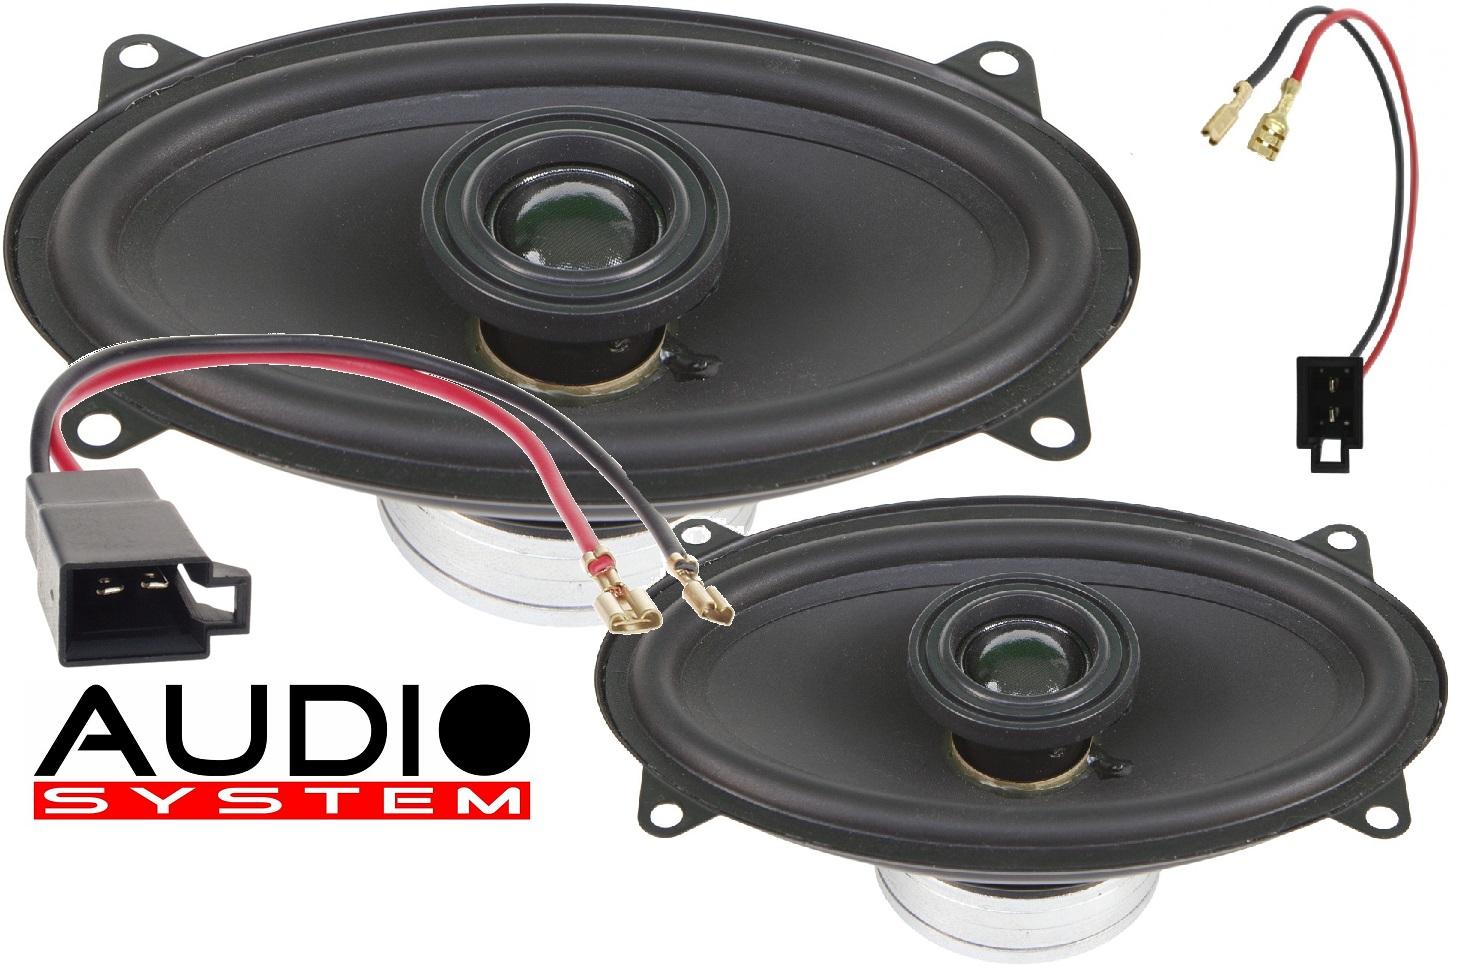 Audio System XCFIT VW GOLF 1 EVO Lautsprecher X-SERIES 4x6 Neodym Spezial Coaxial System Golf 1 Paar